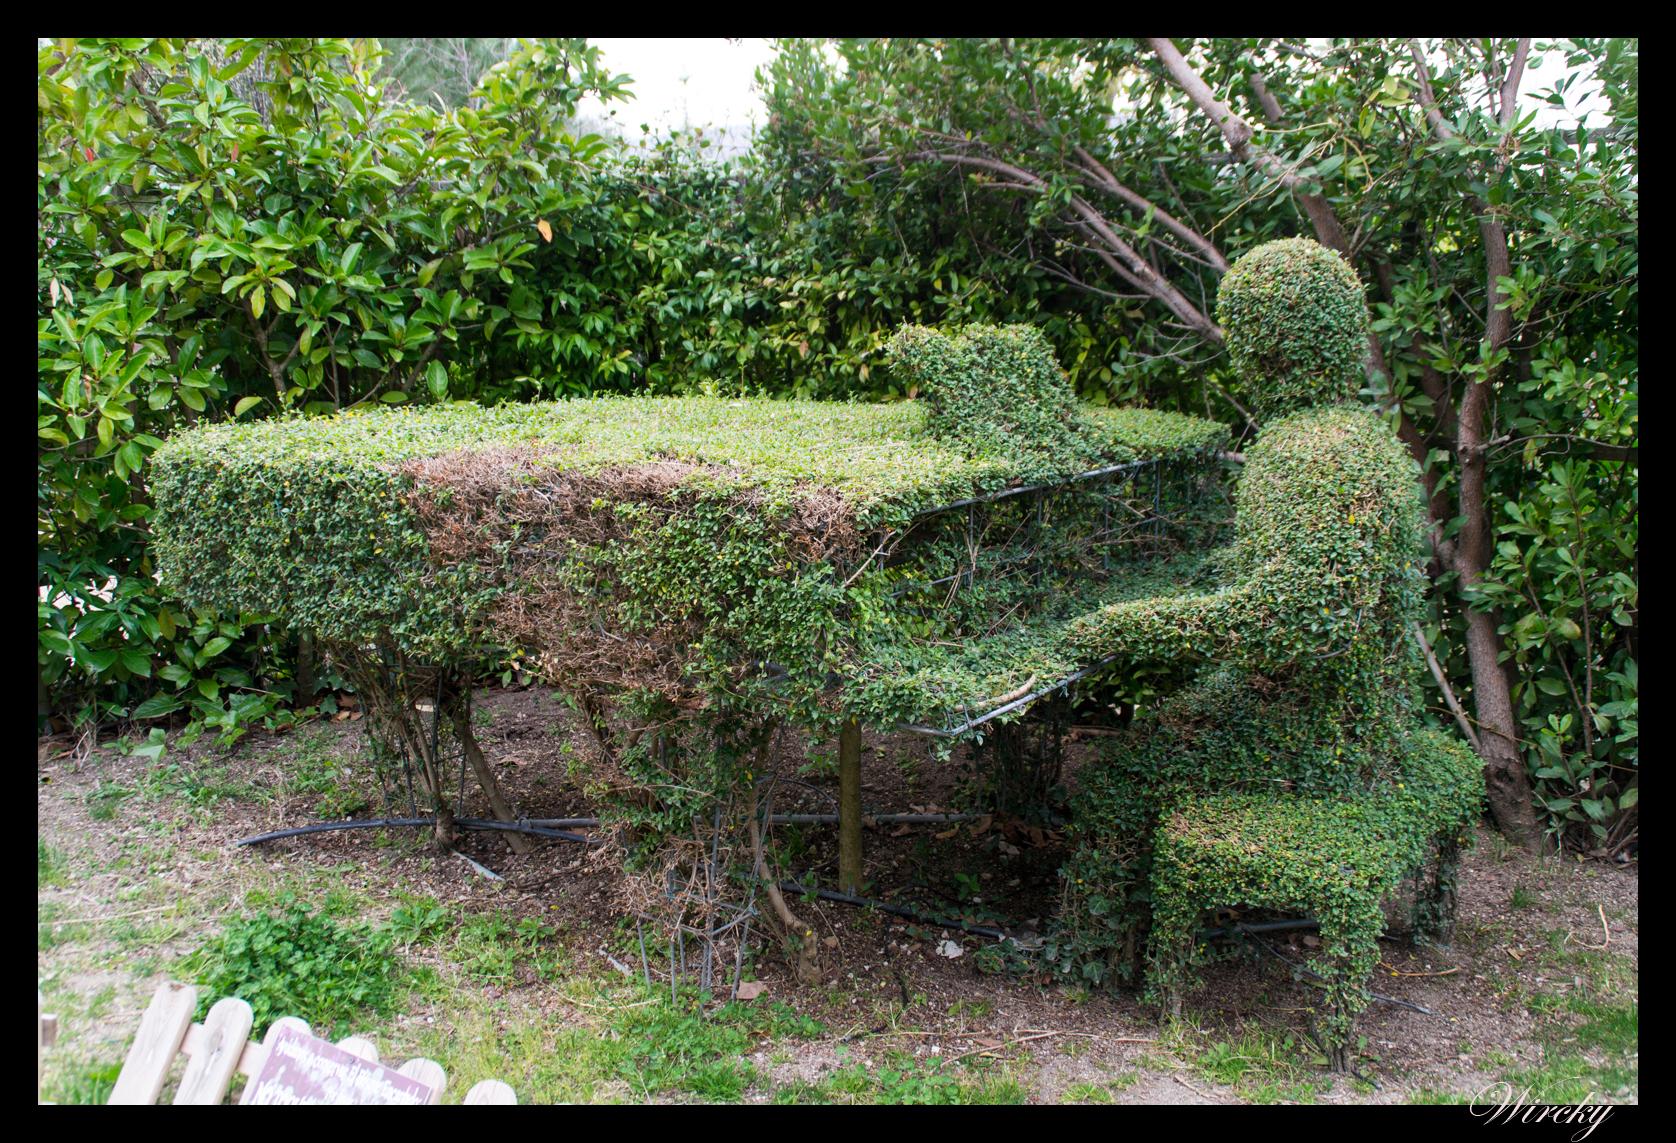 El bosque encantado un jard n secreto y m gico en madrid los viajes de wircky - Jardin encantado madrid ...